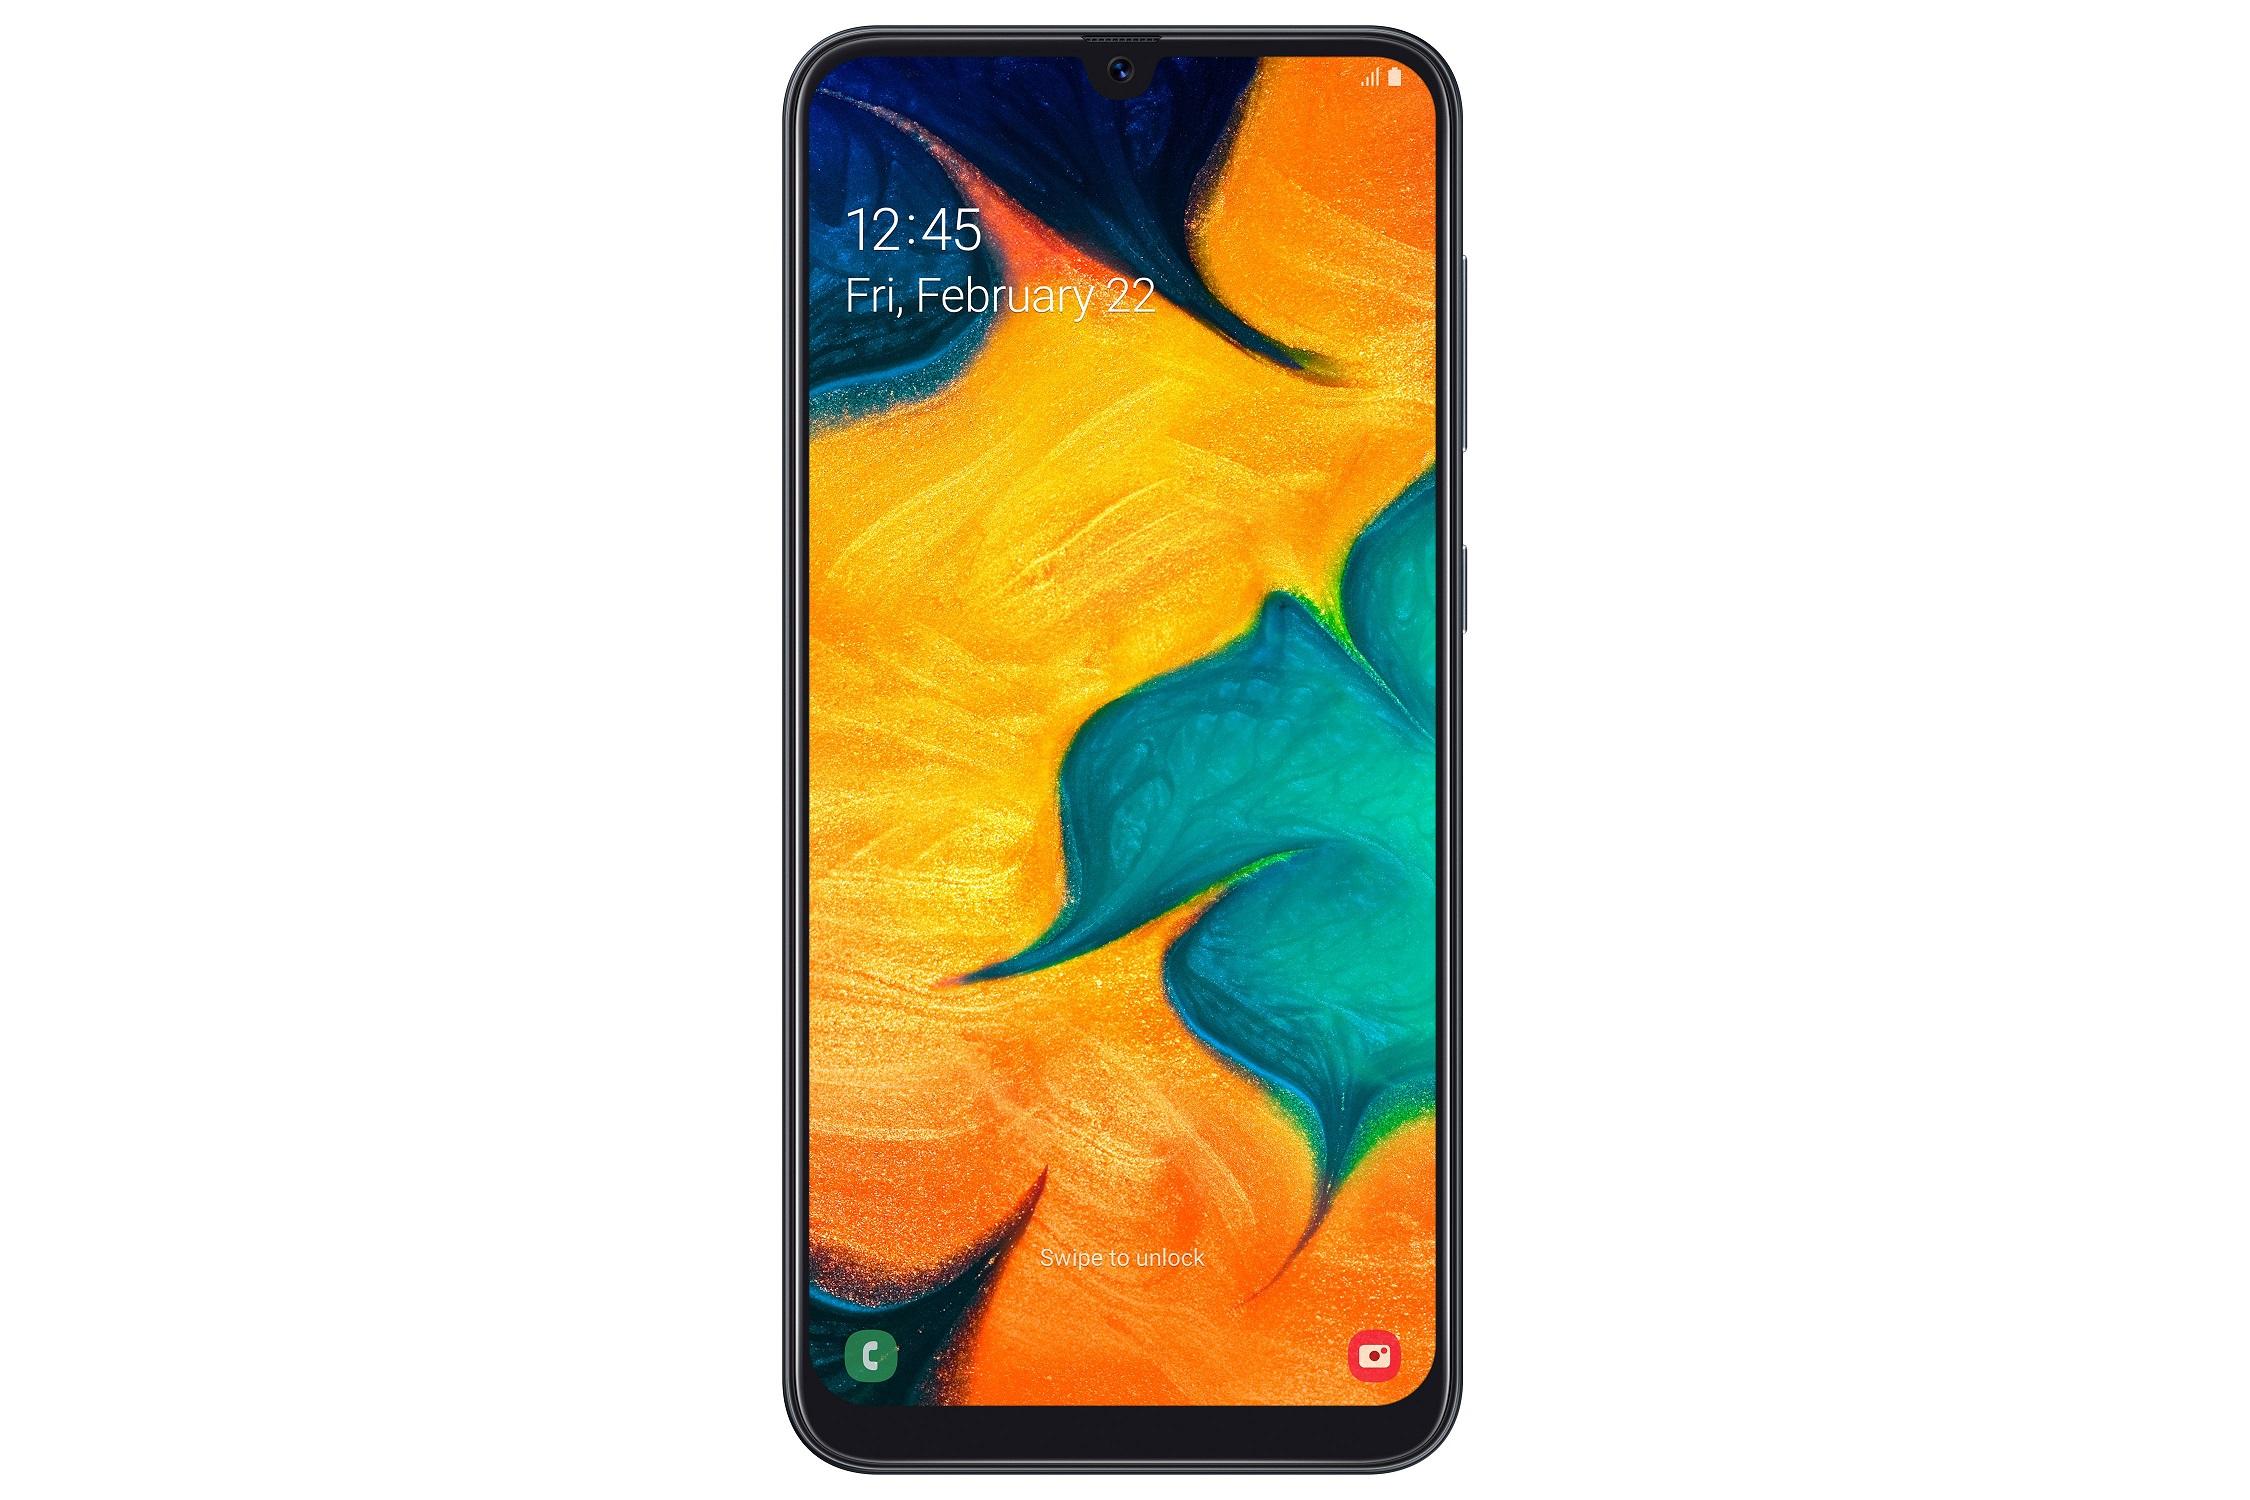 טלפון סלולרי Samsung Galaxy A30 SM-A305F 64GB סמסונג